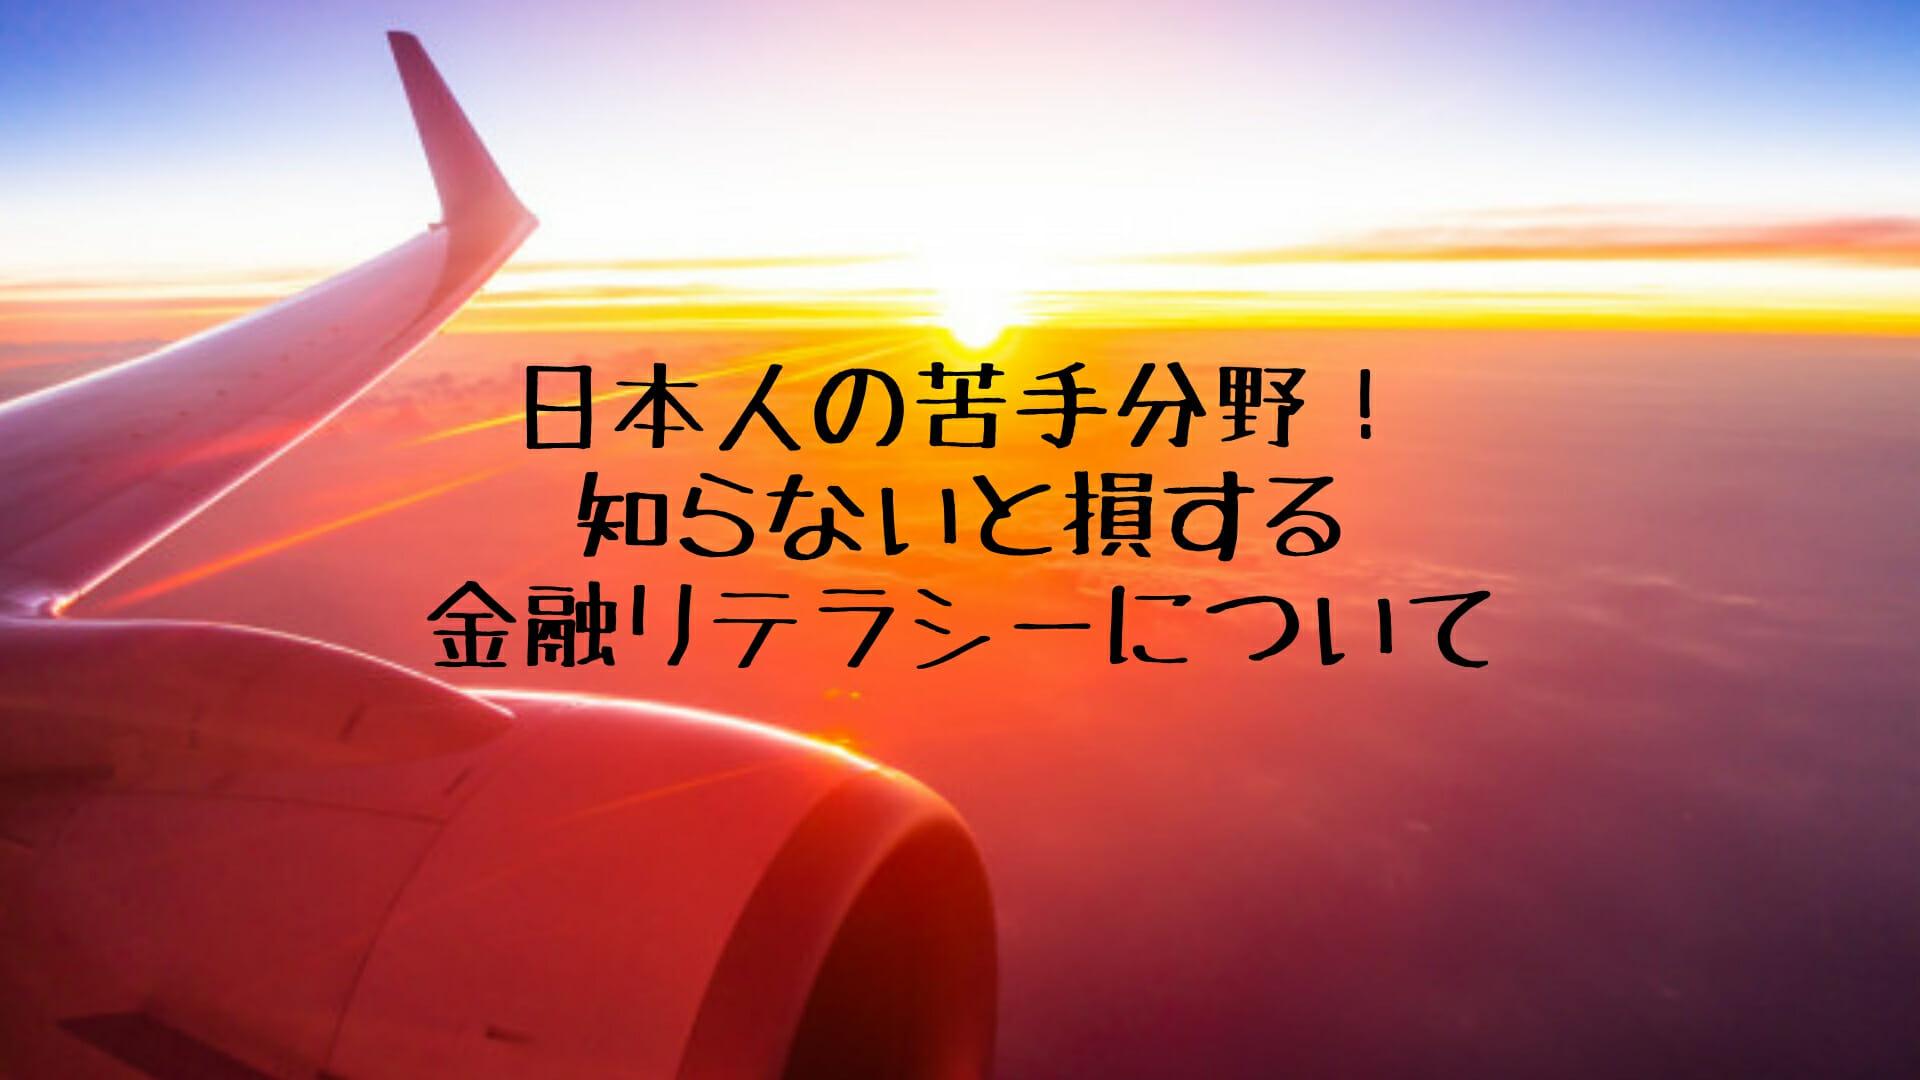 日本人の苦手分野!知らないと損する金融リテラシーについて